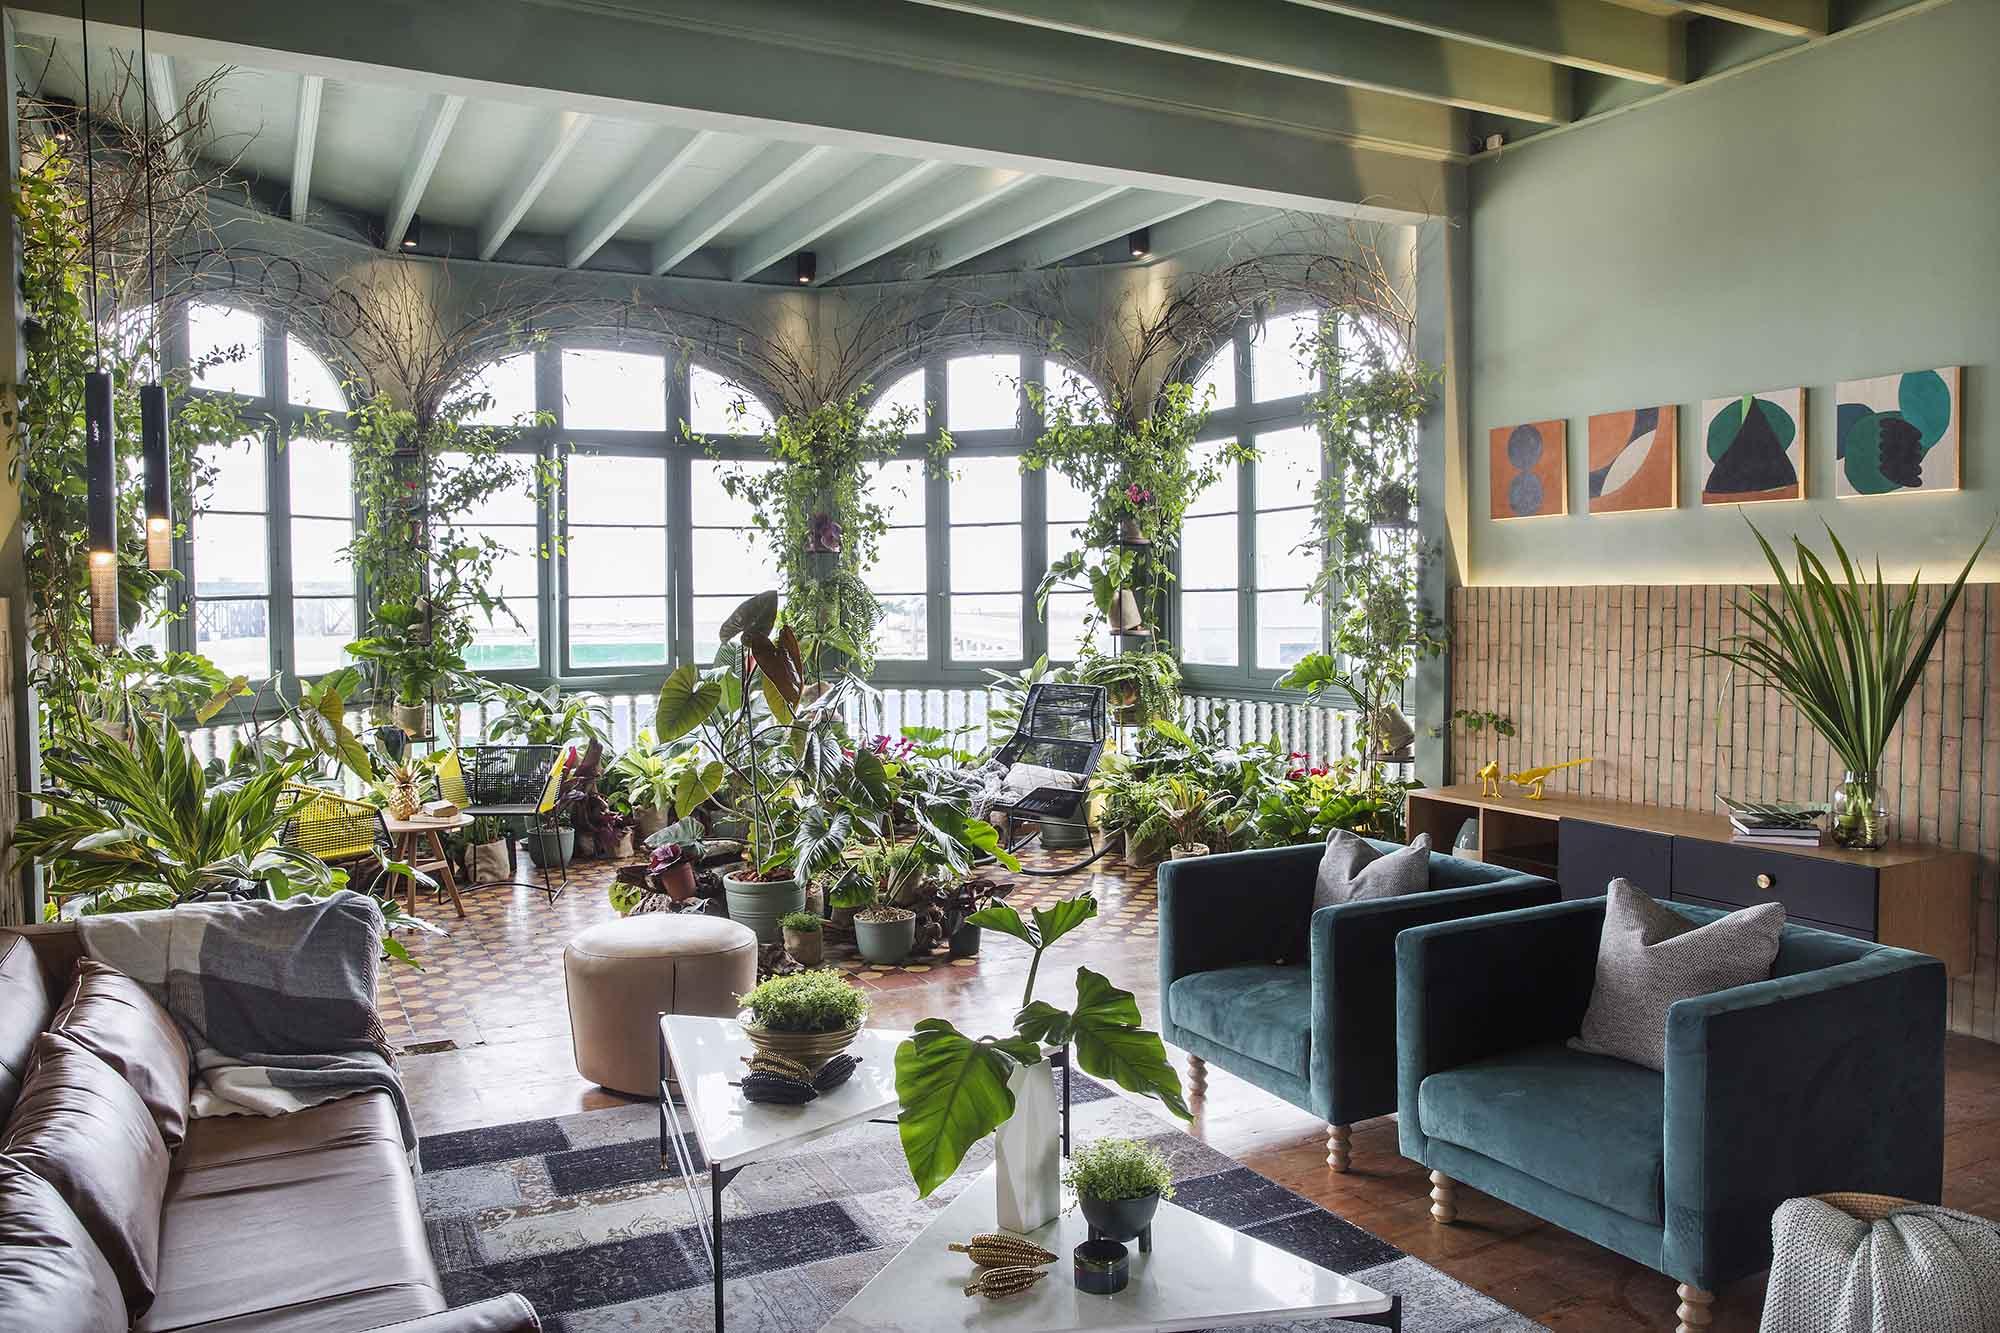 Jardim dentro da sala com vasos - casacor